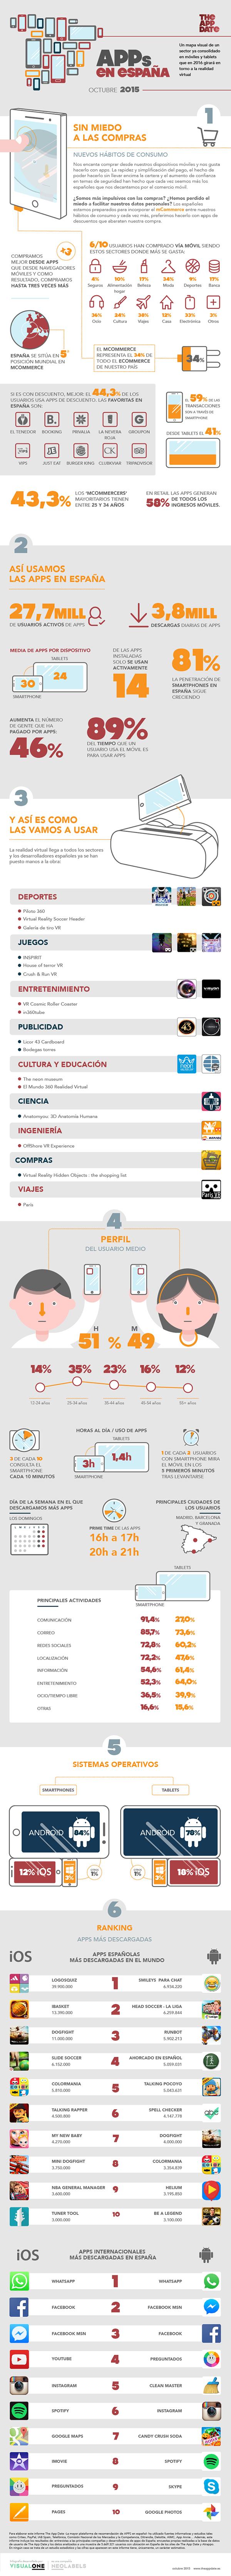 Infografía de las Apps en España 2015